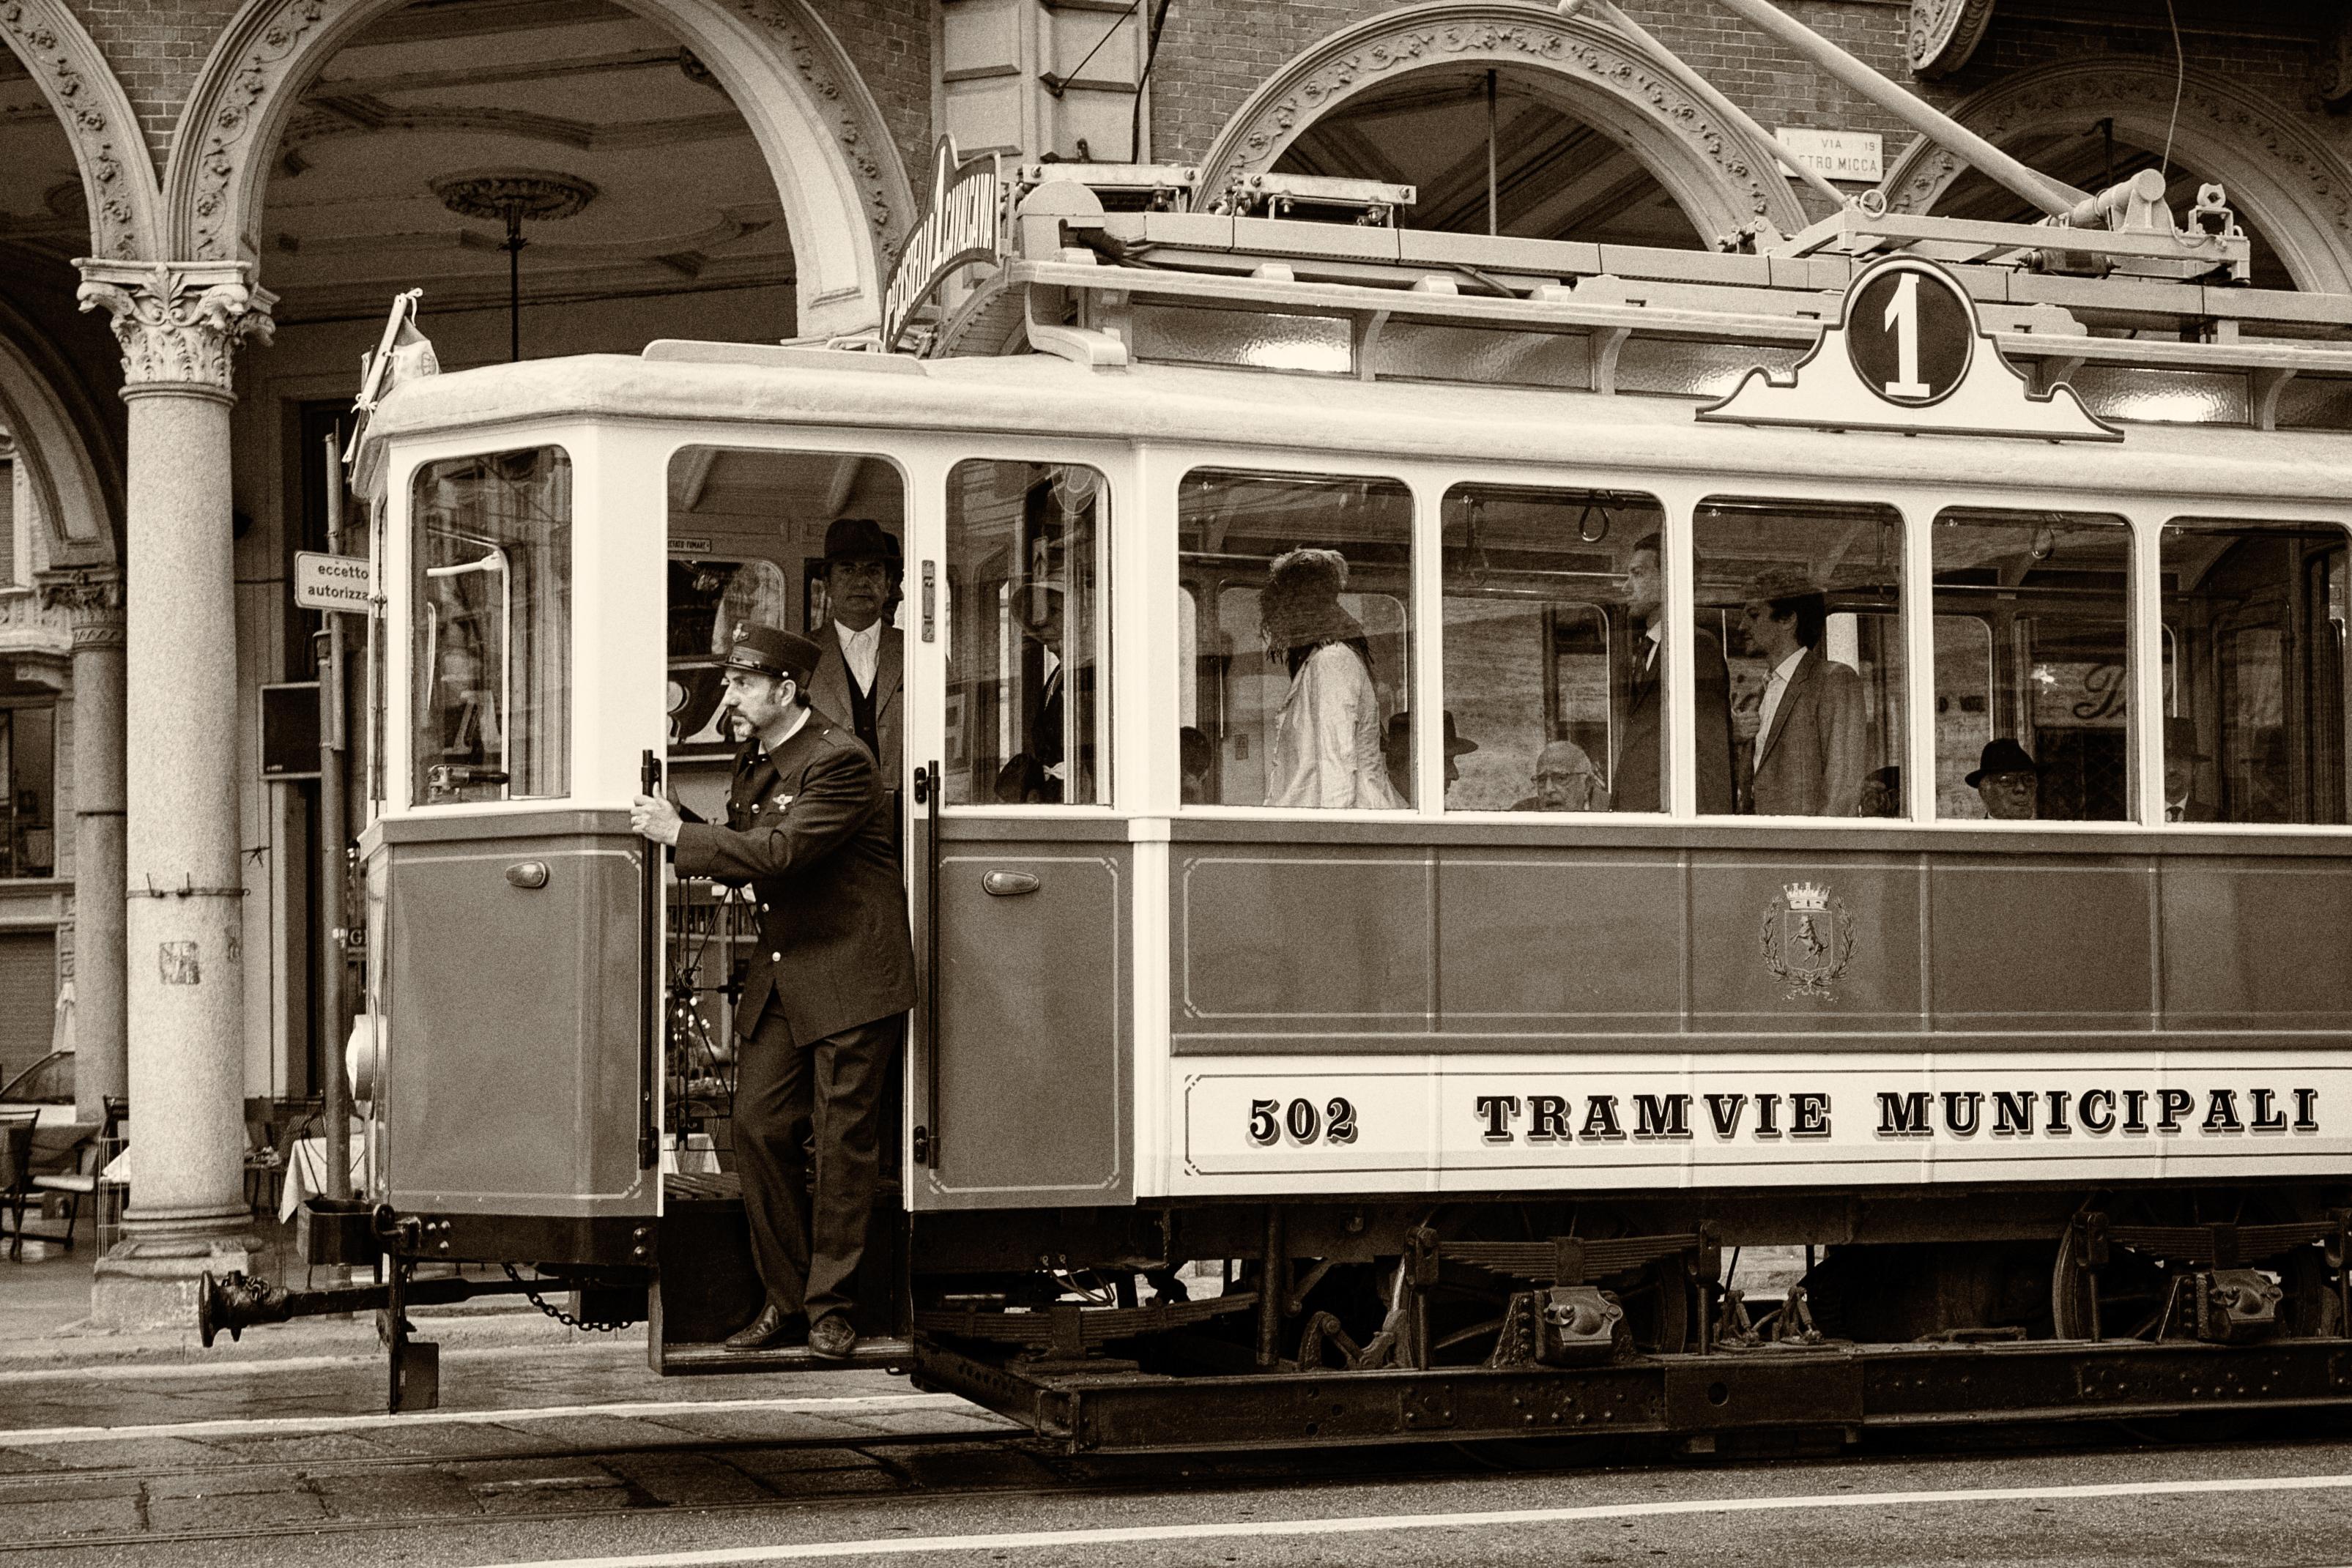 storia-di-1-tram-torino-documentario-talentieventi-2